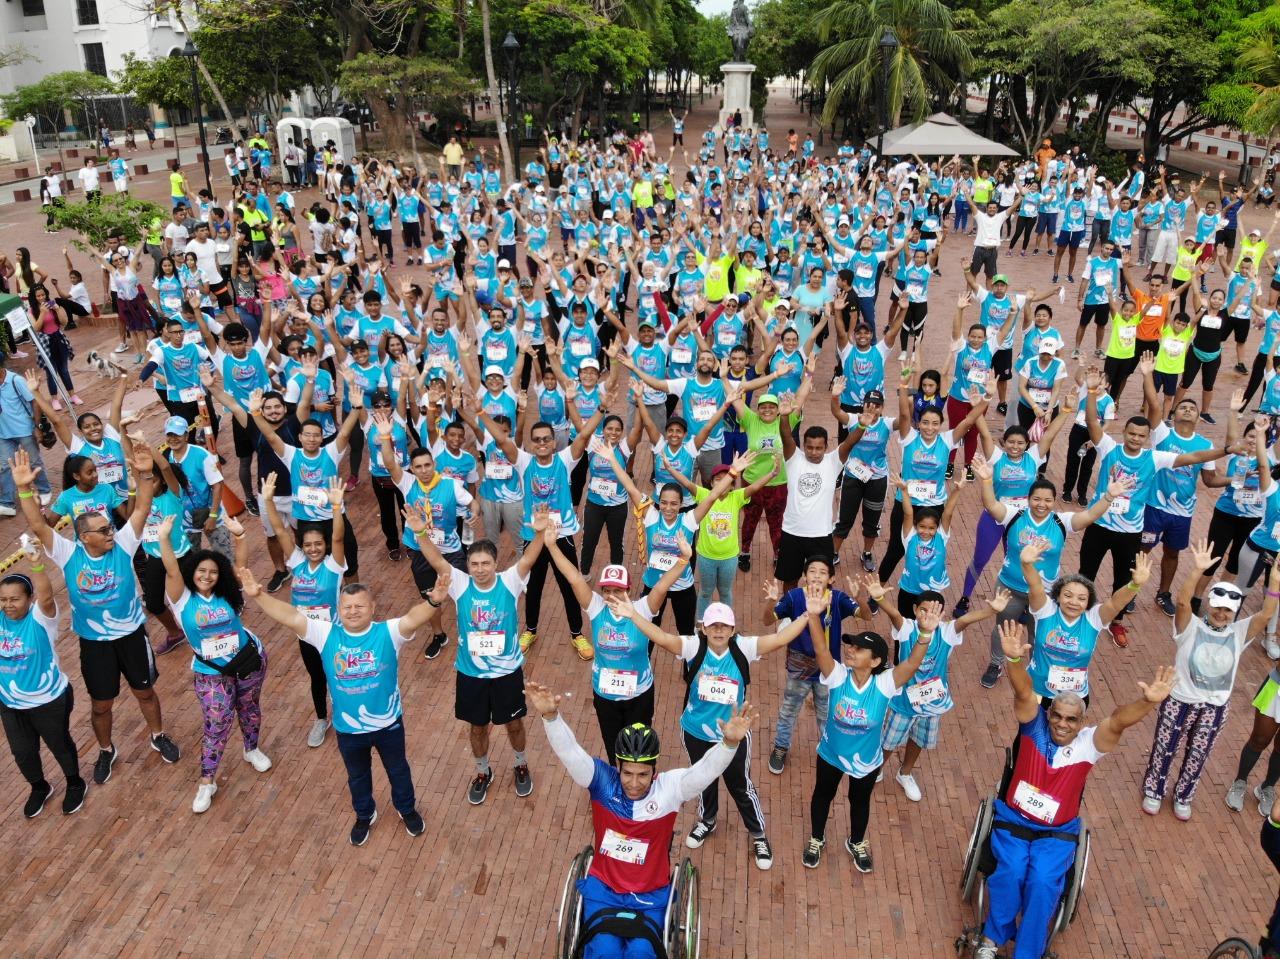 Más de 400 corredores participaron de A moverse para Vivir 6K Olimpiadas del Mar en Santa Marta